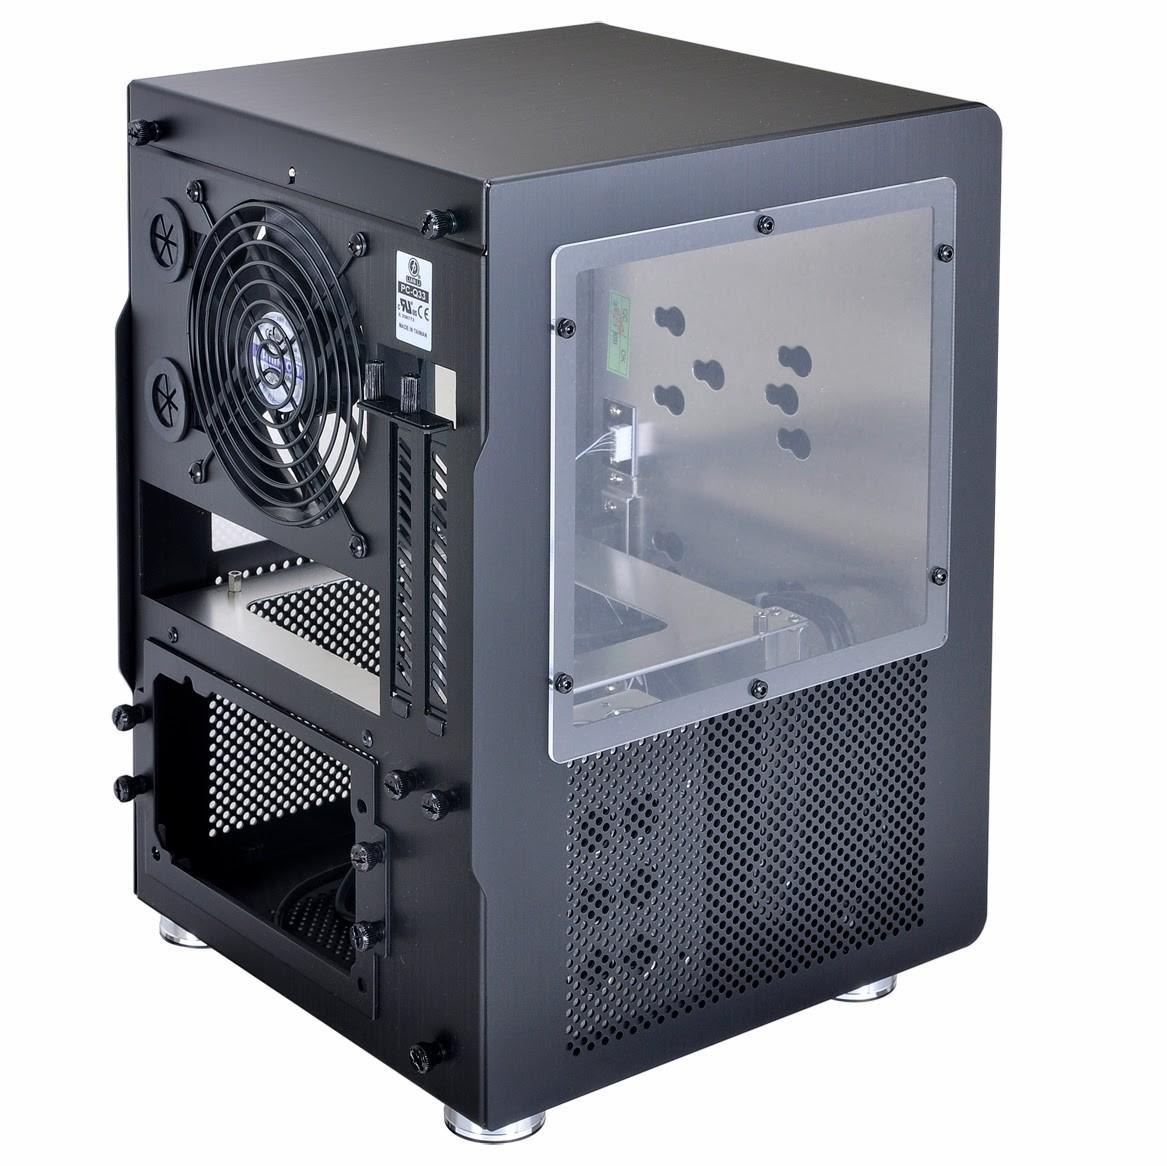 lian li PC-Q33